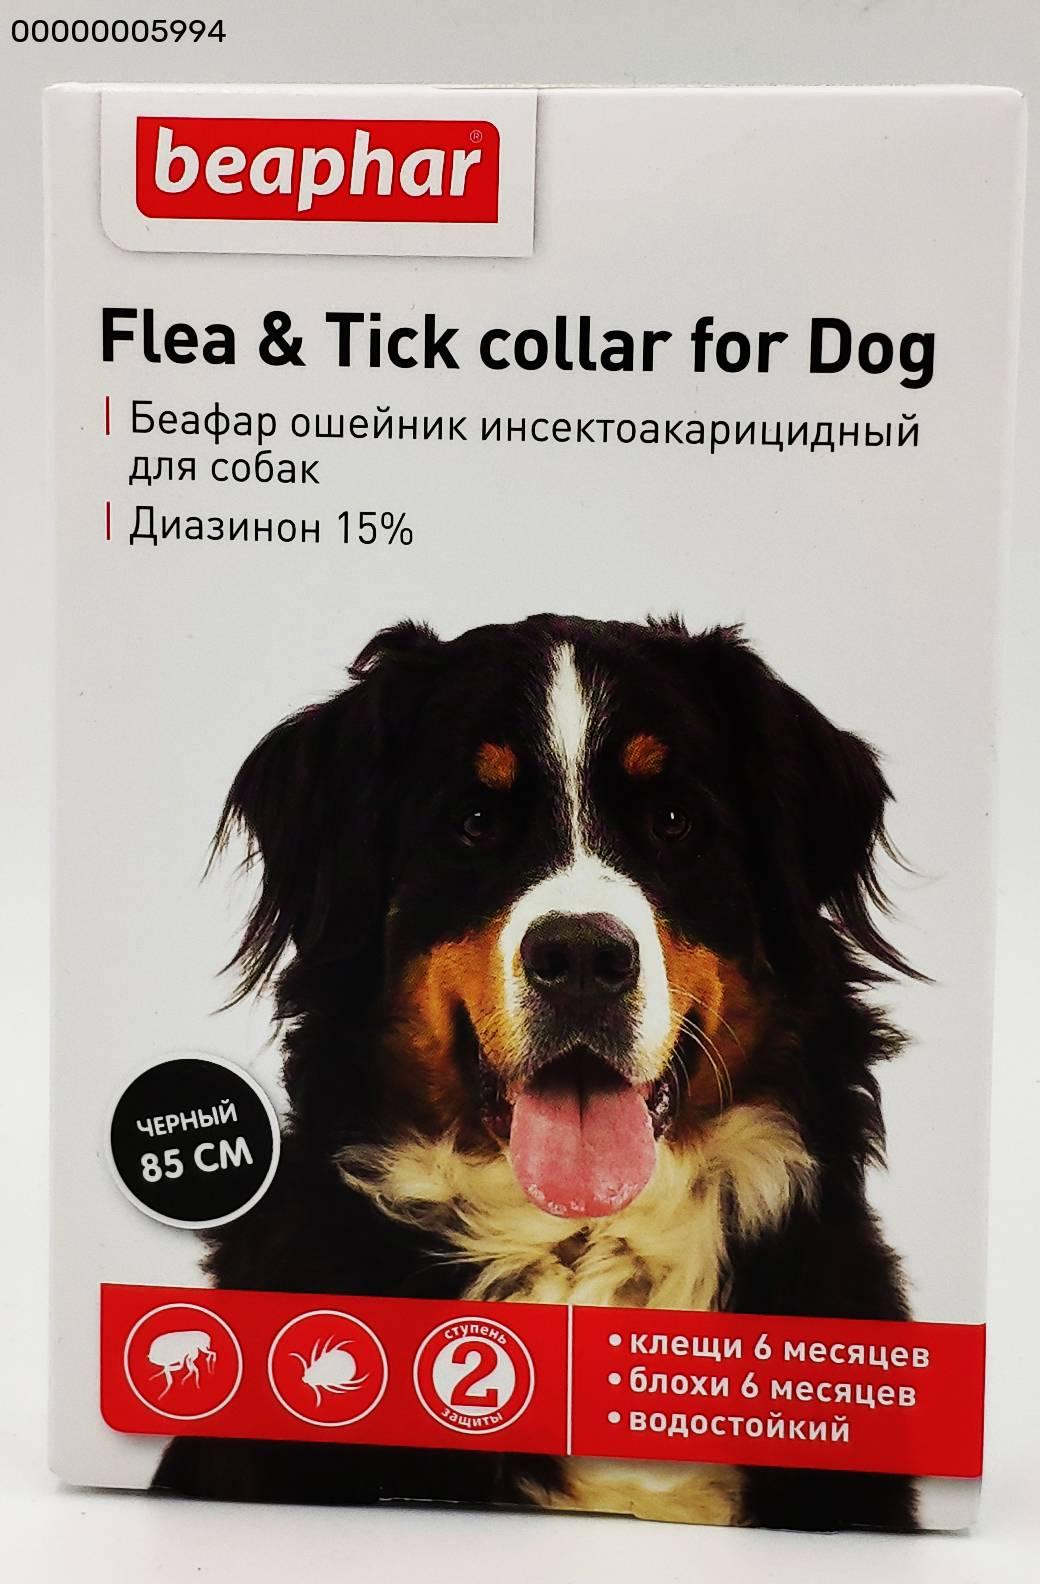 Выбираем лучший ошейник для собаки от клещей и блох, а также правила пользования ошейником